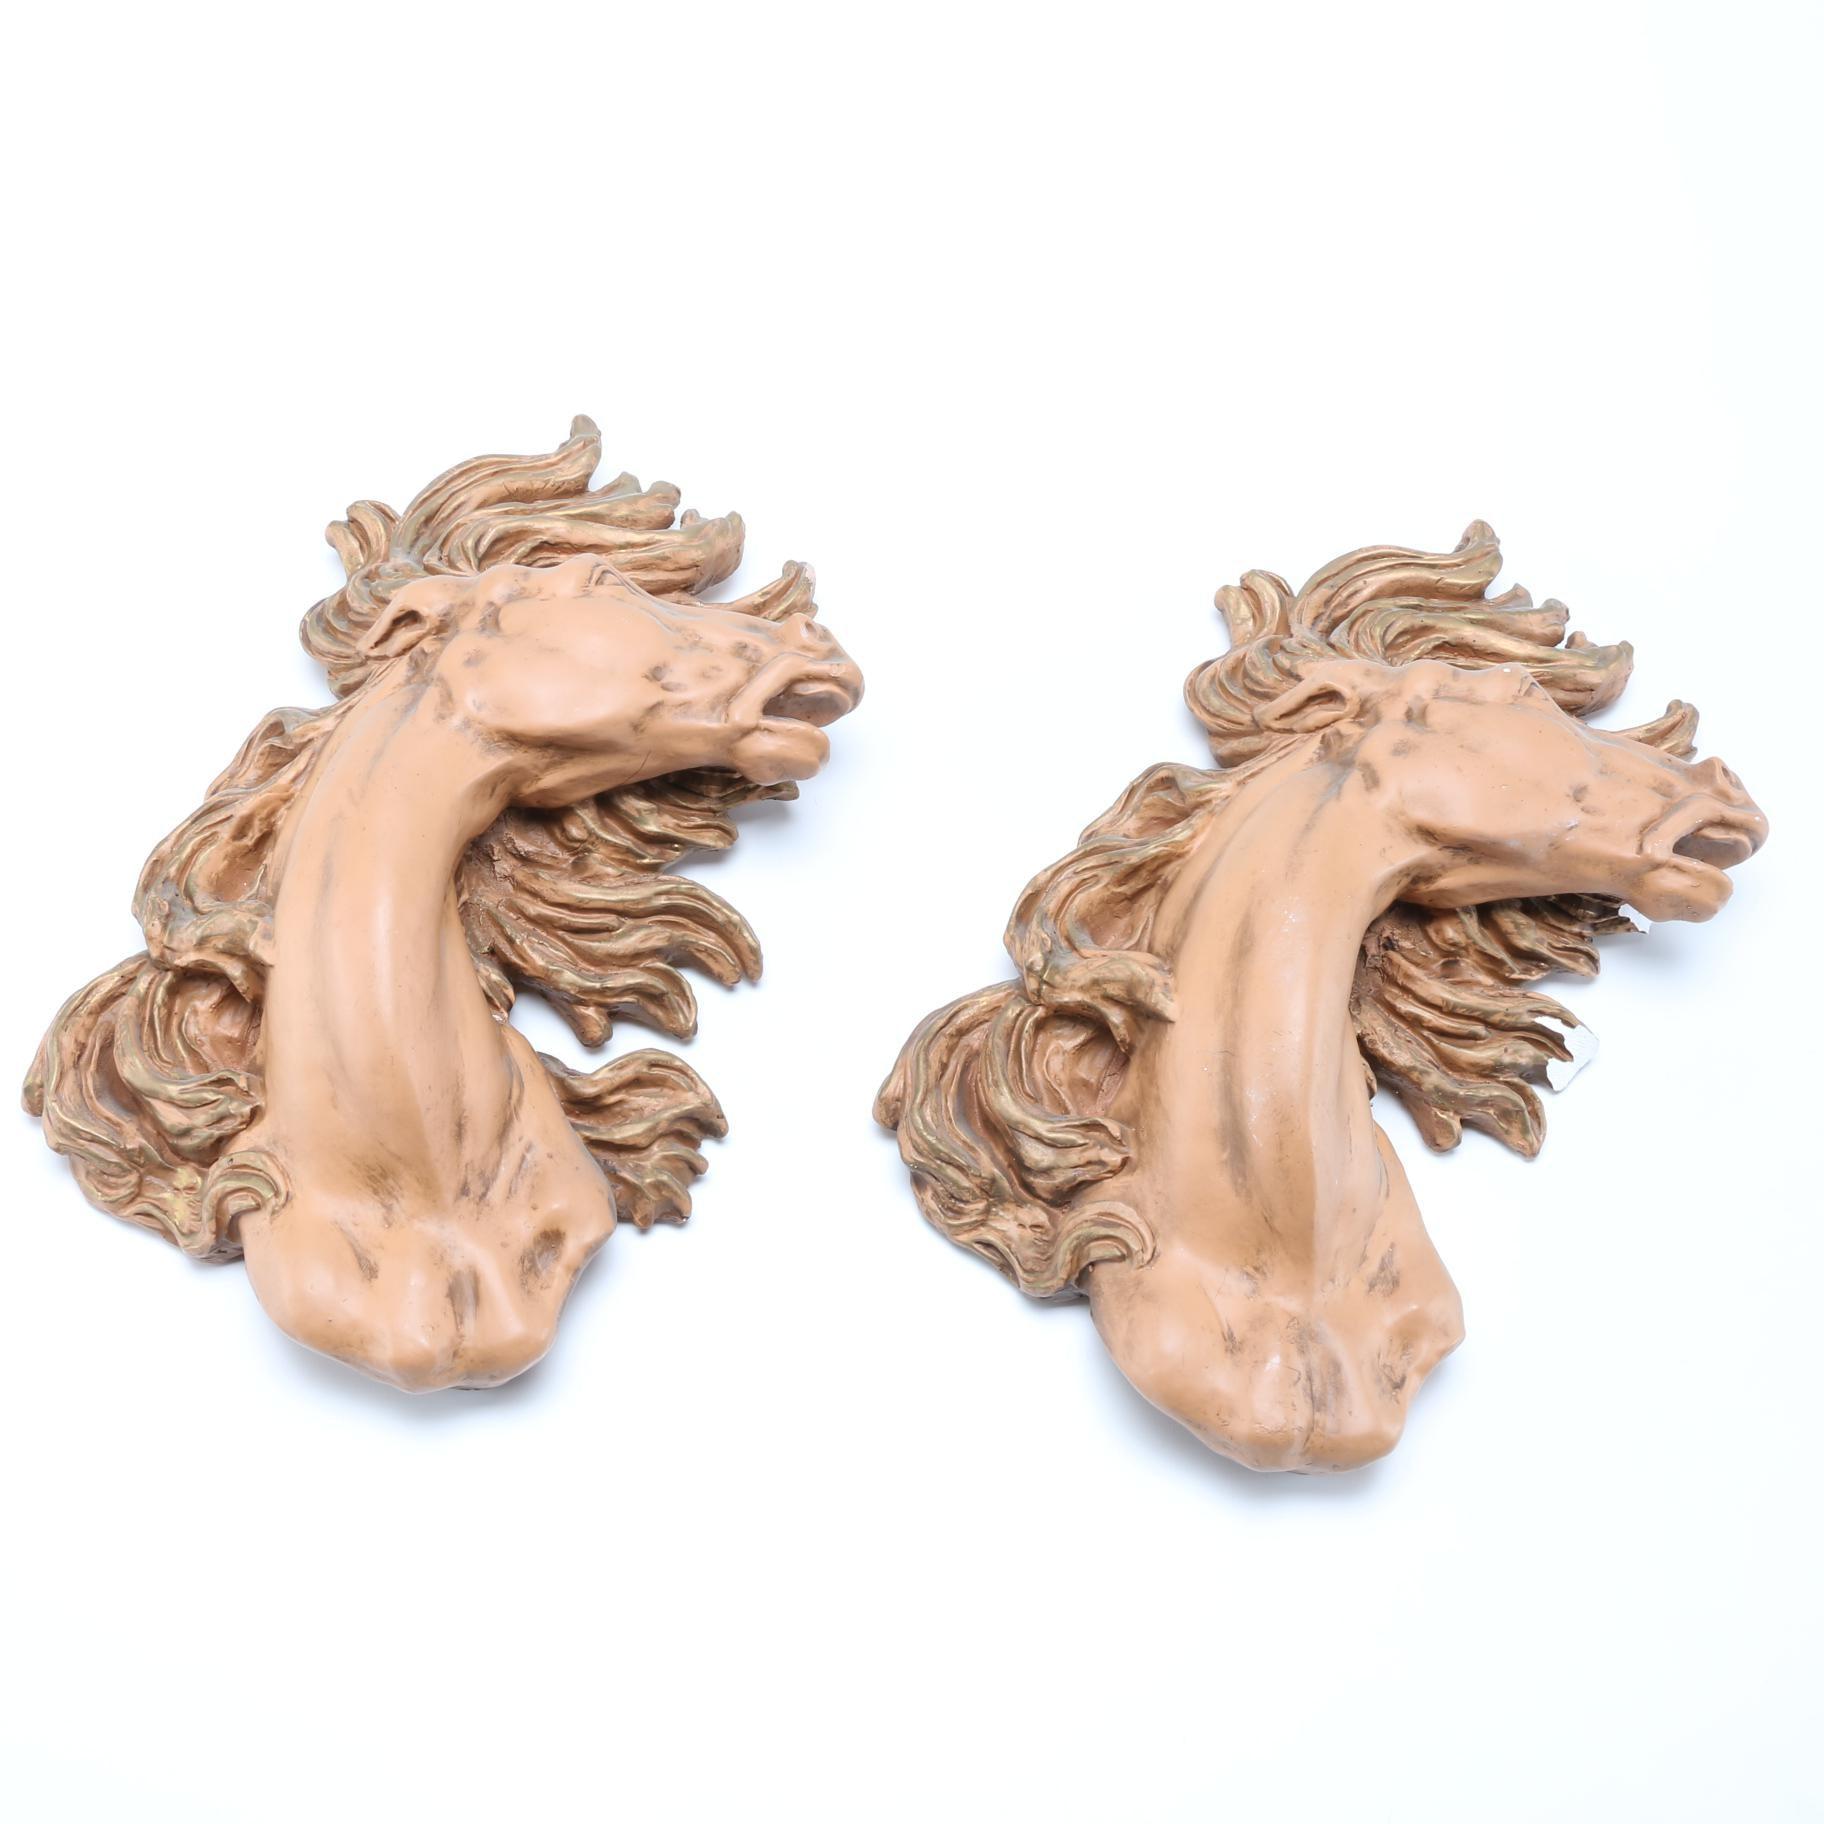 Horse Heads Plaster Sculpture